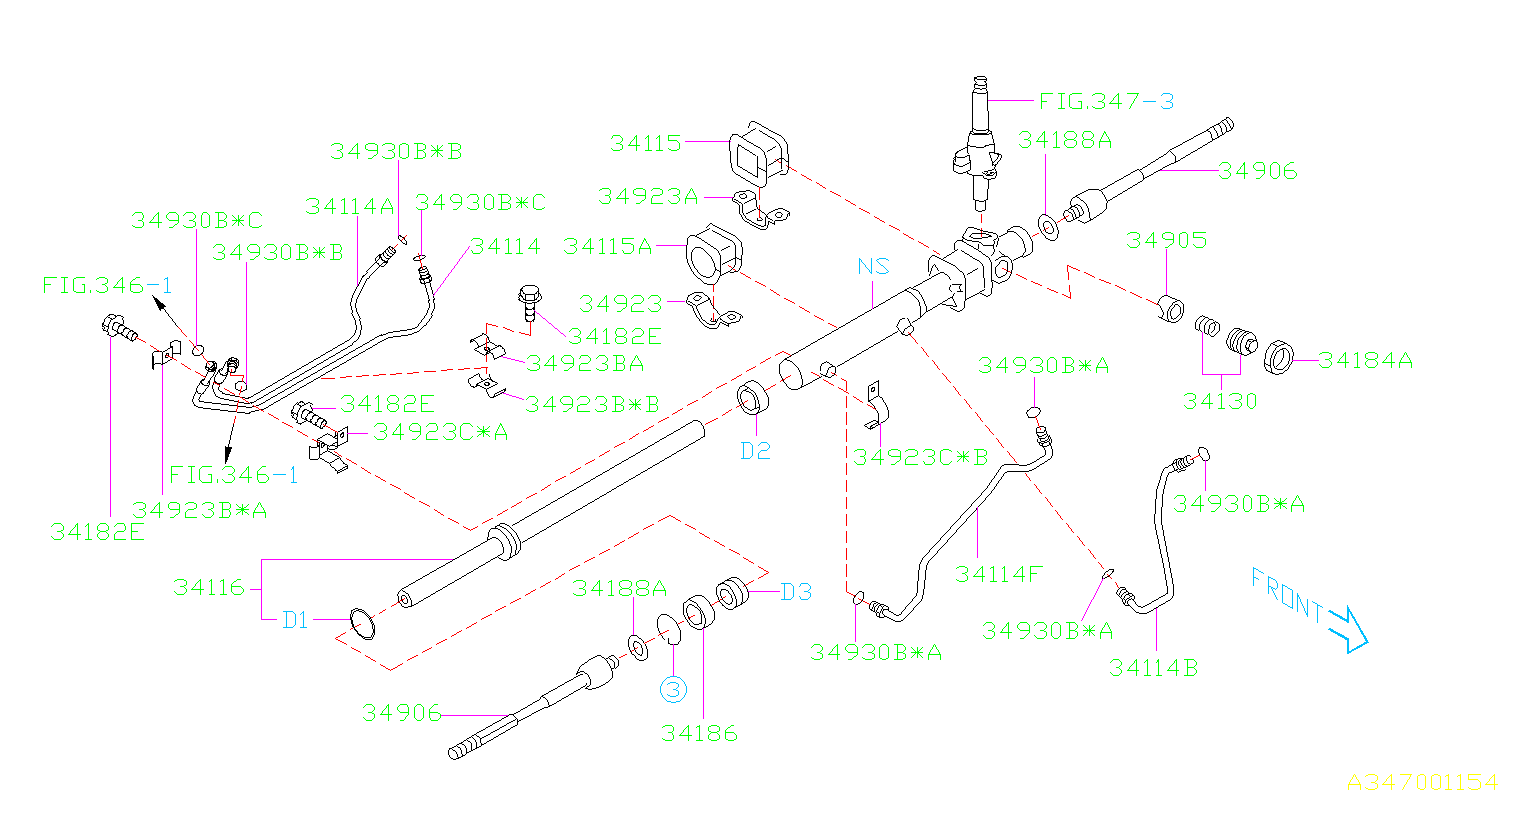 https://parts.subaru.com/images/parts/subaru/fullsize/G11_34701154.png